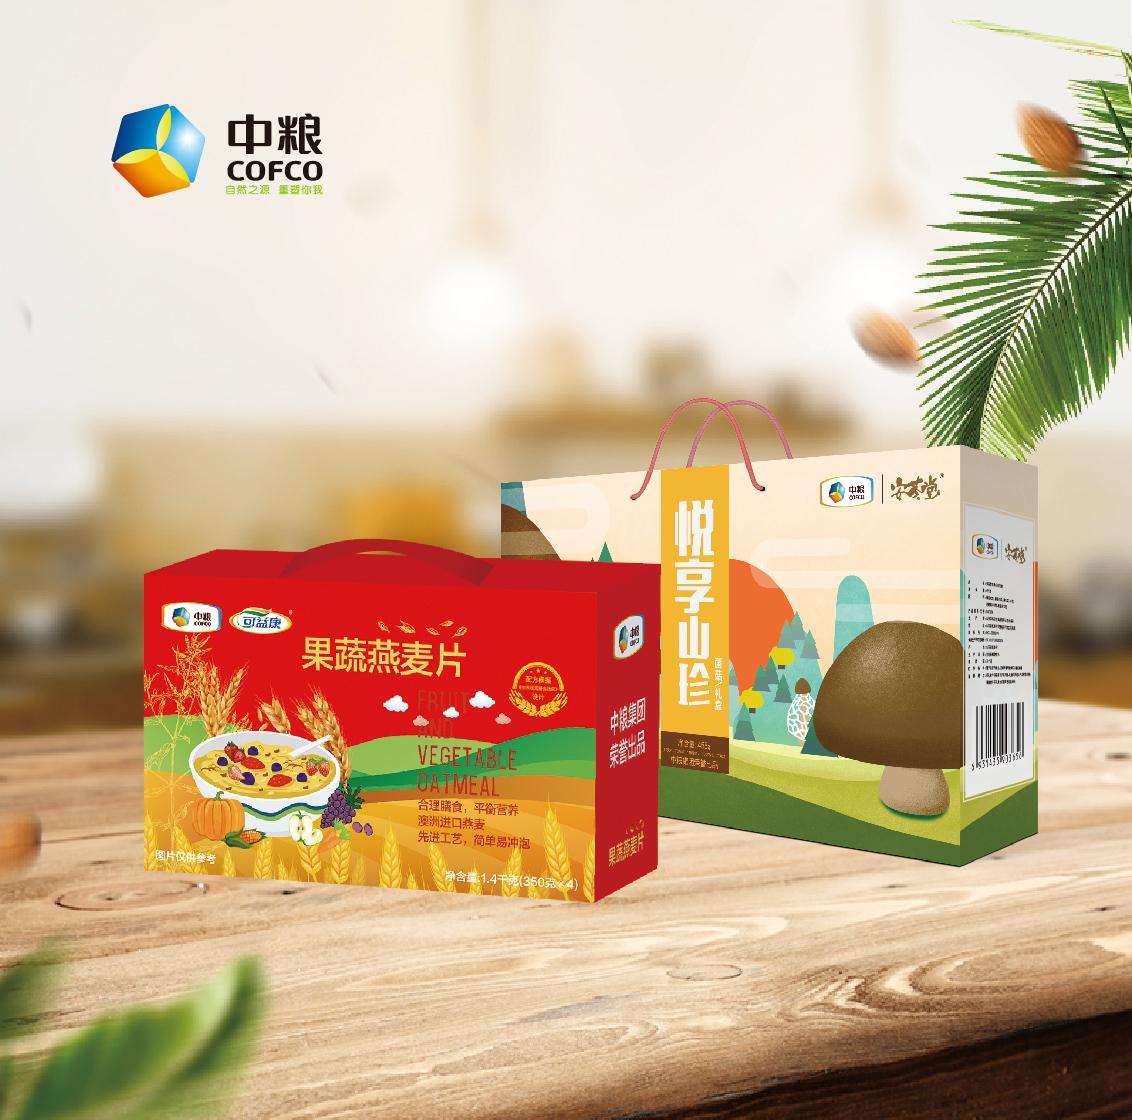 山珍燕麦礼盒